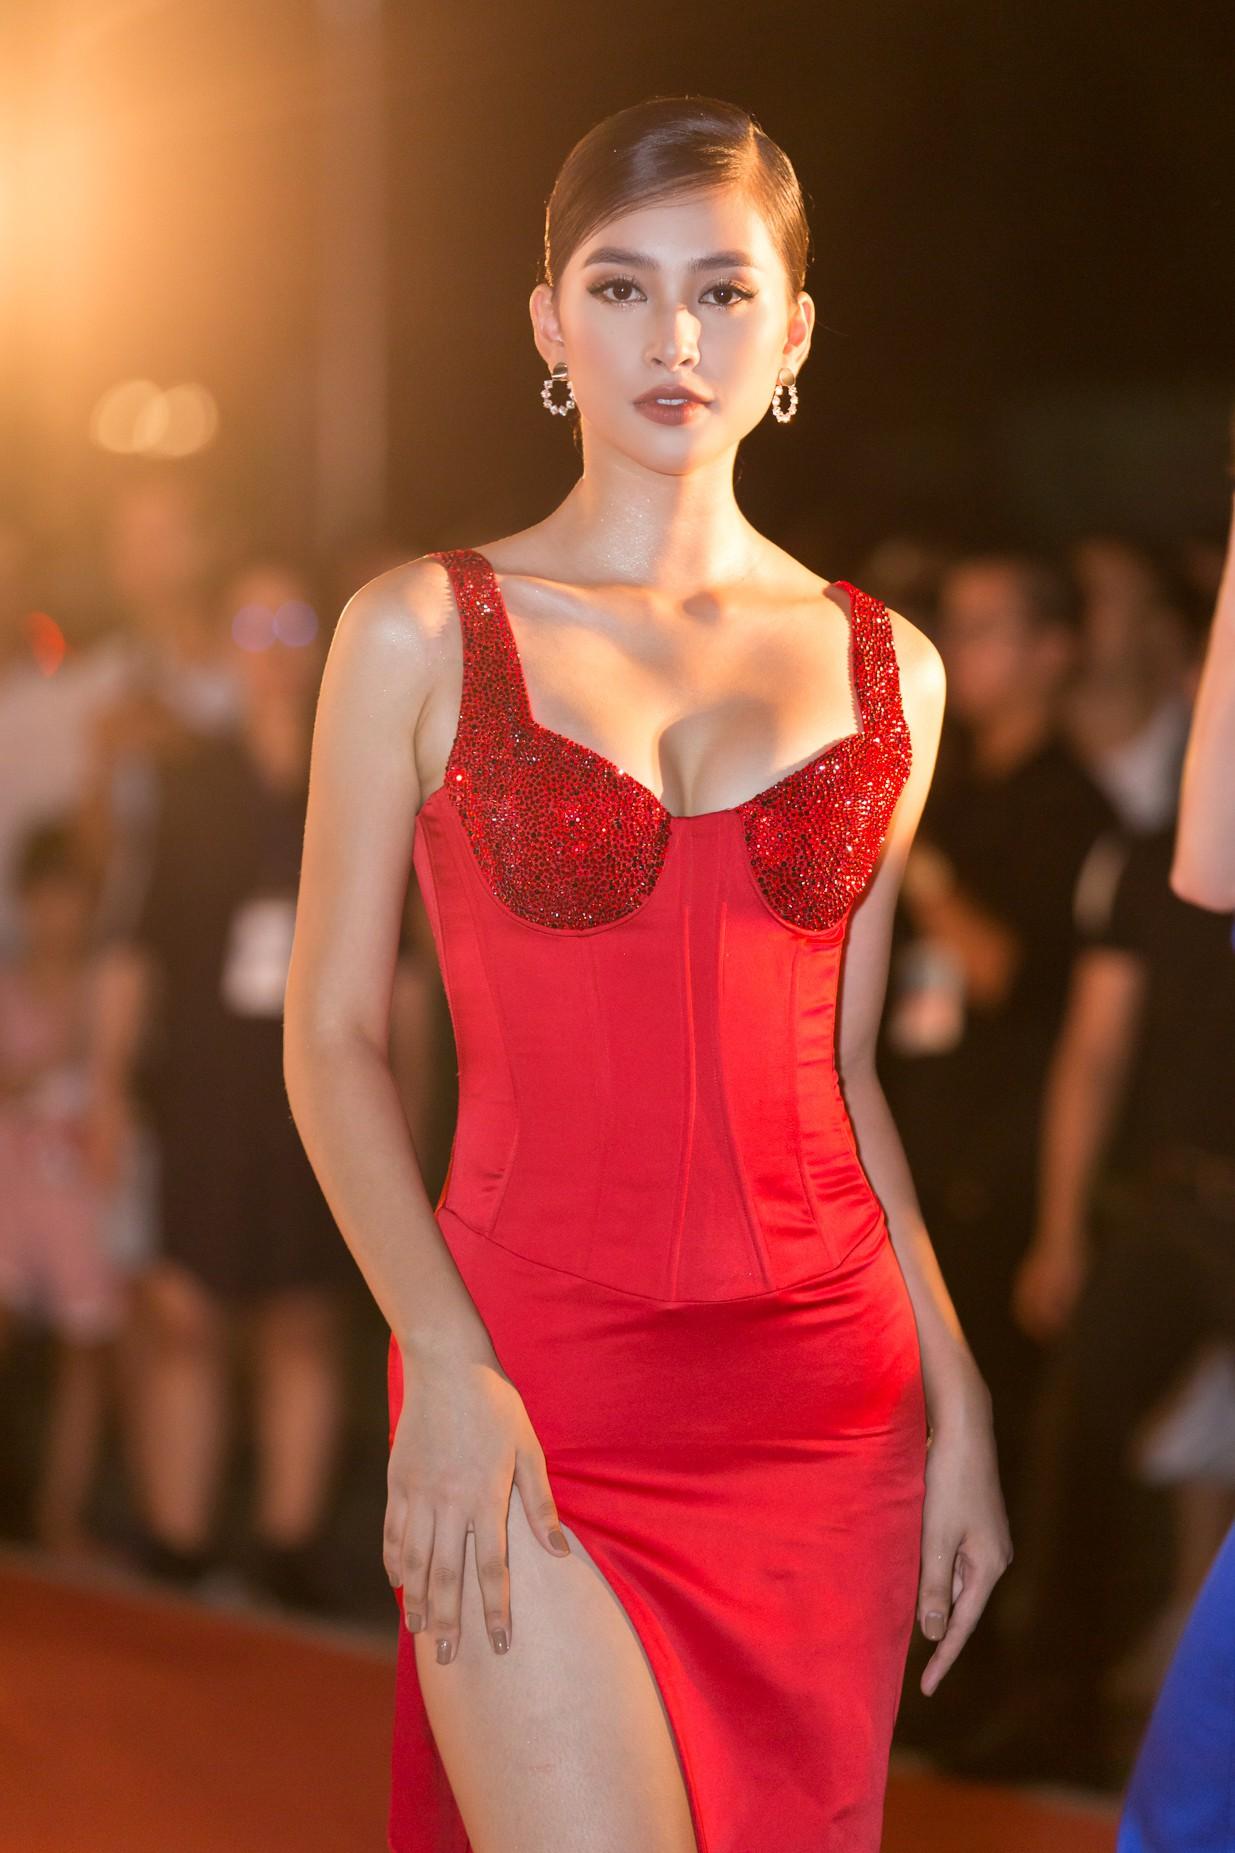 Mỹ Linh nổi bần bật xuất hiện sau nghi án tình ái, Tiểu Vy khoe khéo vòng 1 trên thảm đỏ Chung khảo phía Bắc Miss World Việt Nam 2019 - Ảnh 1.